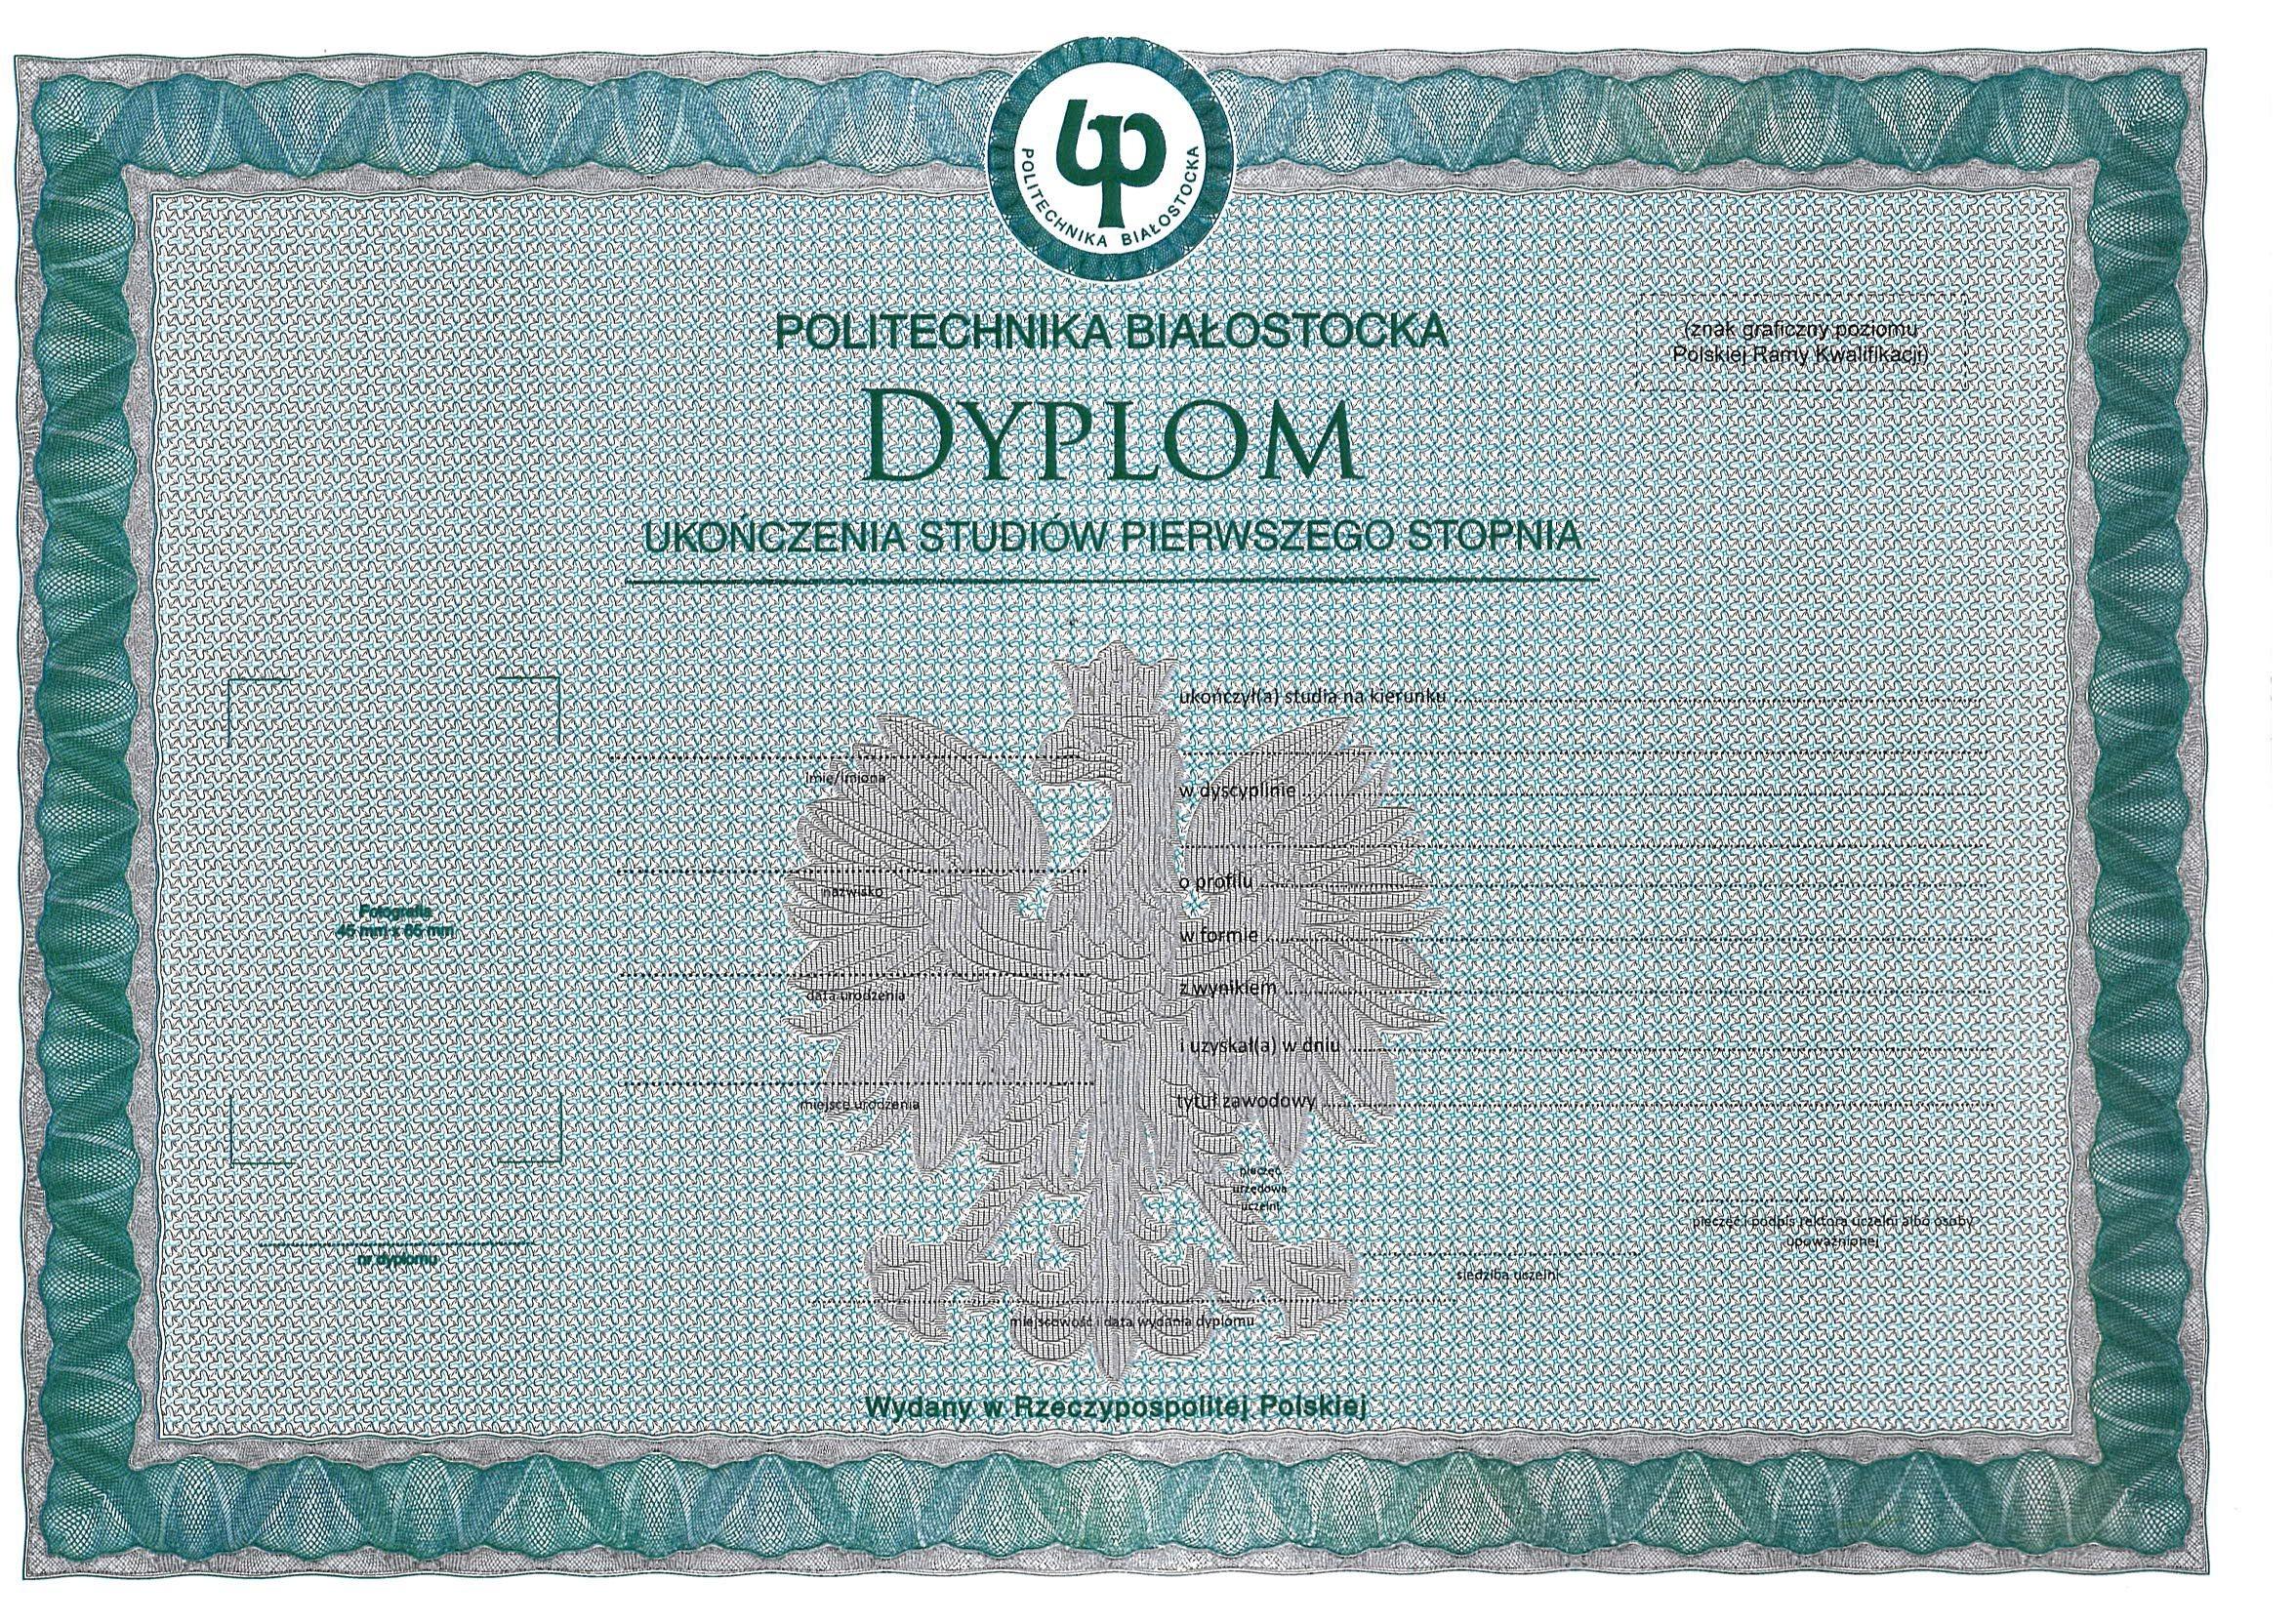 wzór dyplomu ukończenia studiów pierwszego stopnia